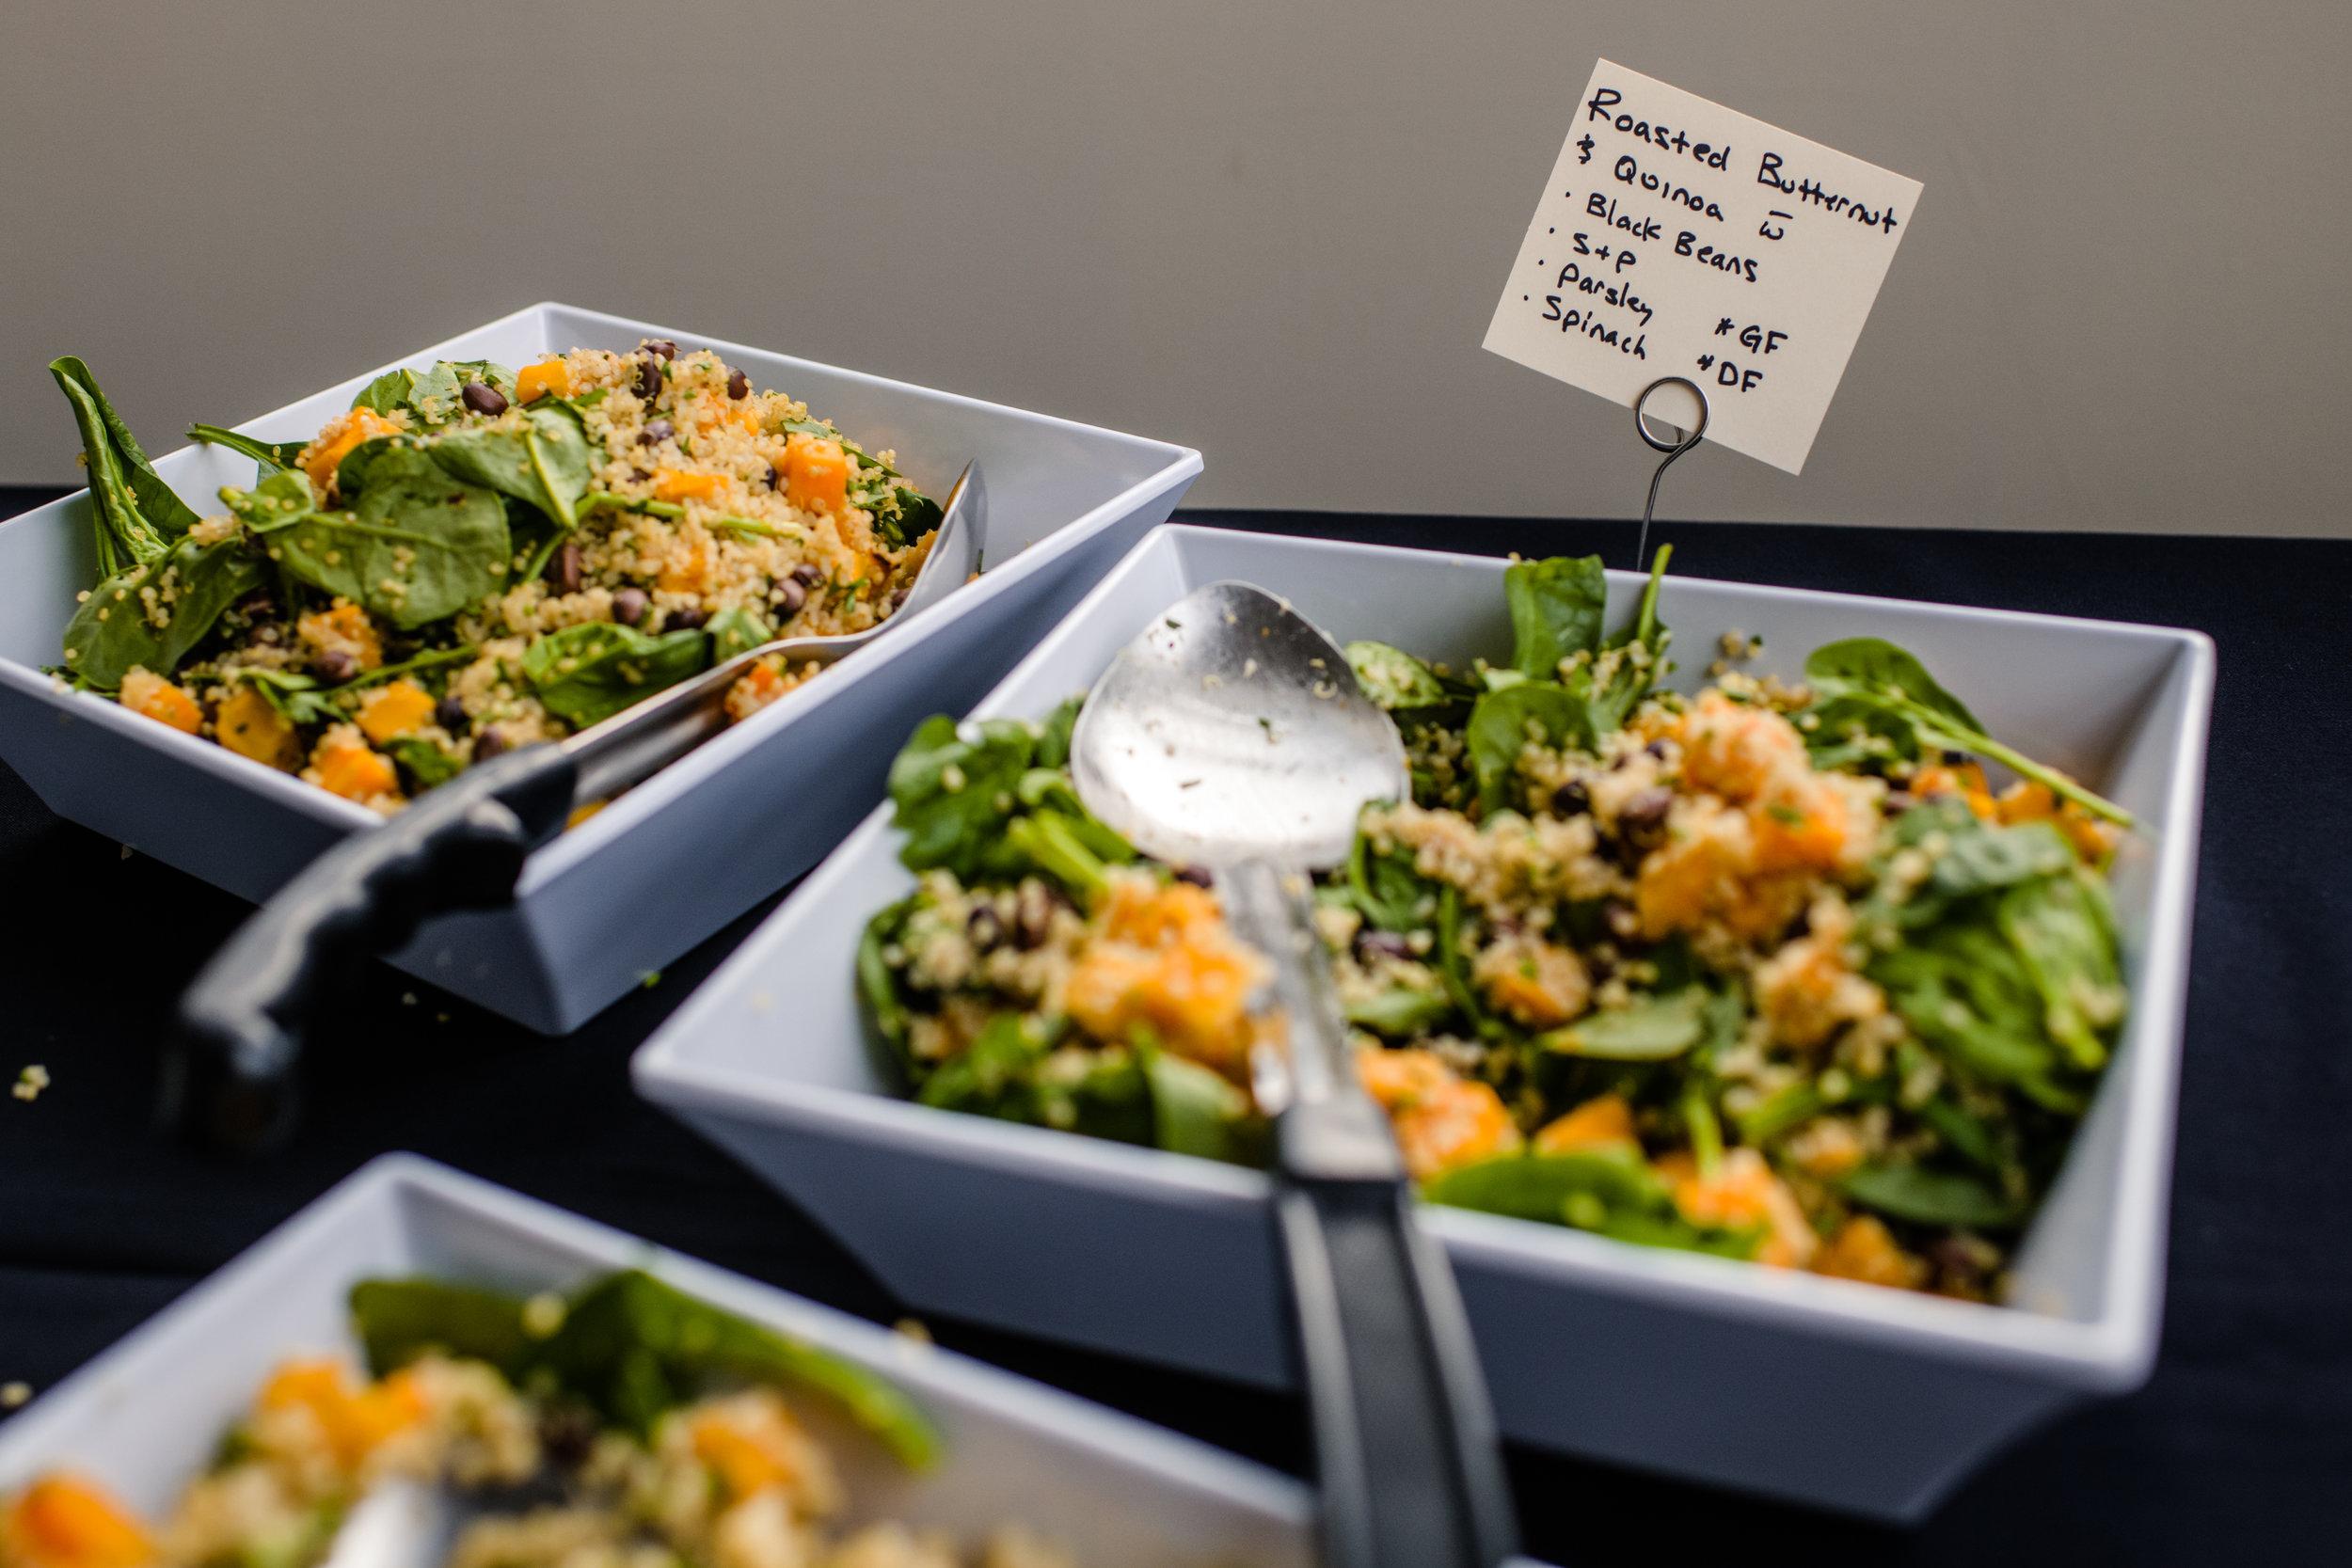 Healthy Food. -